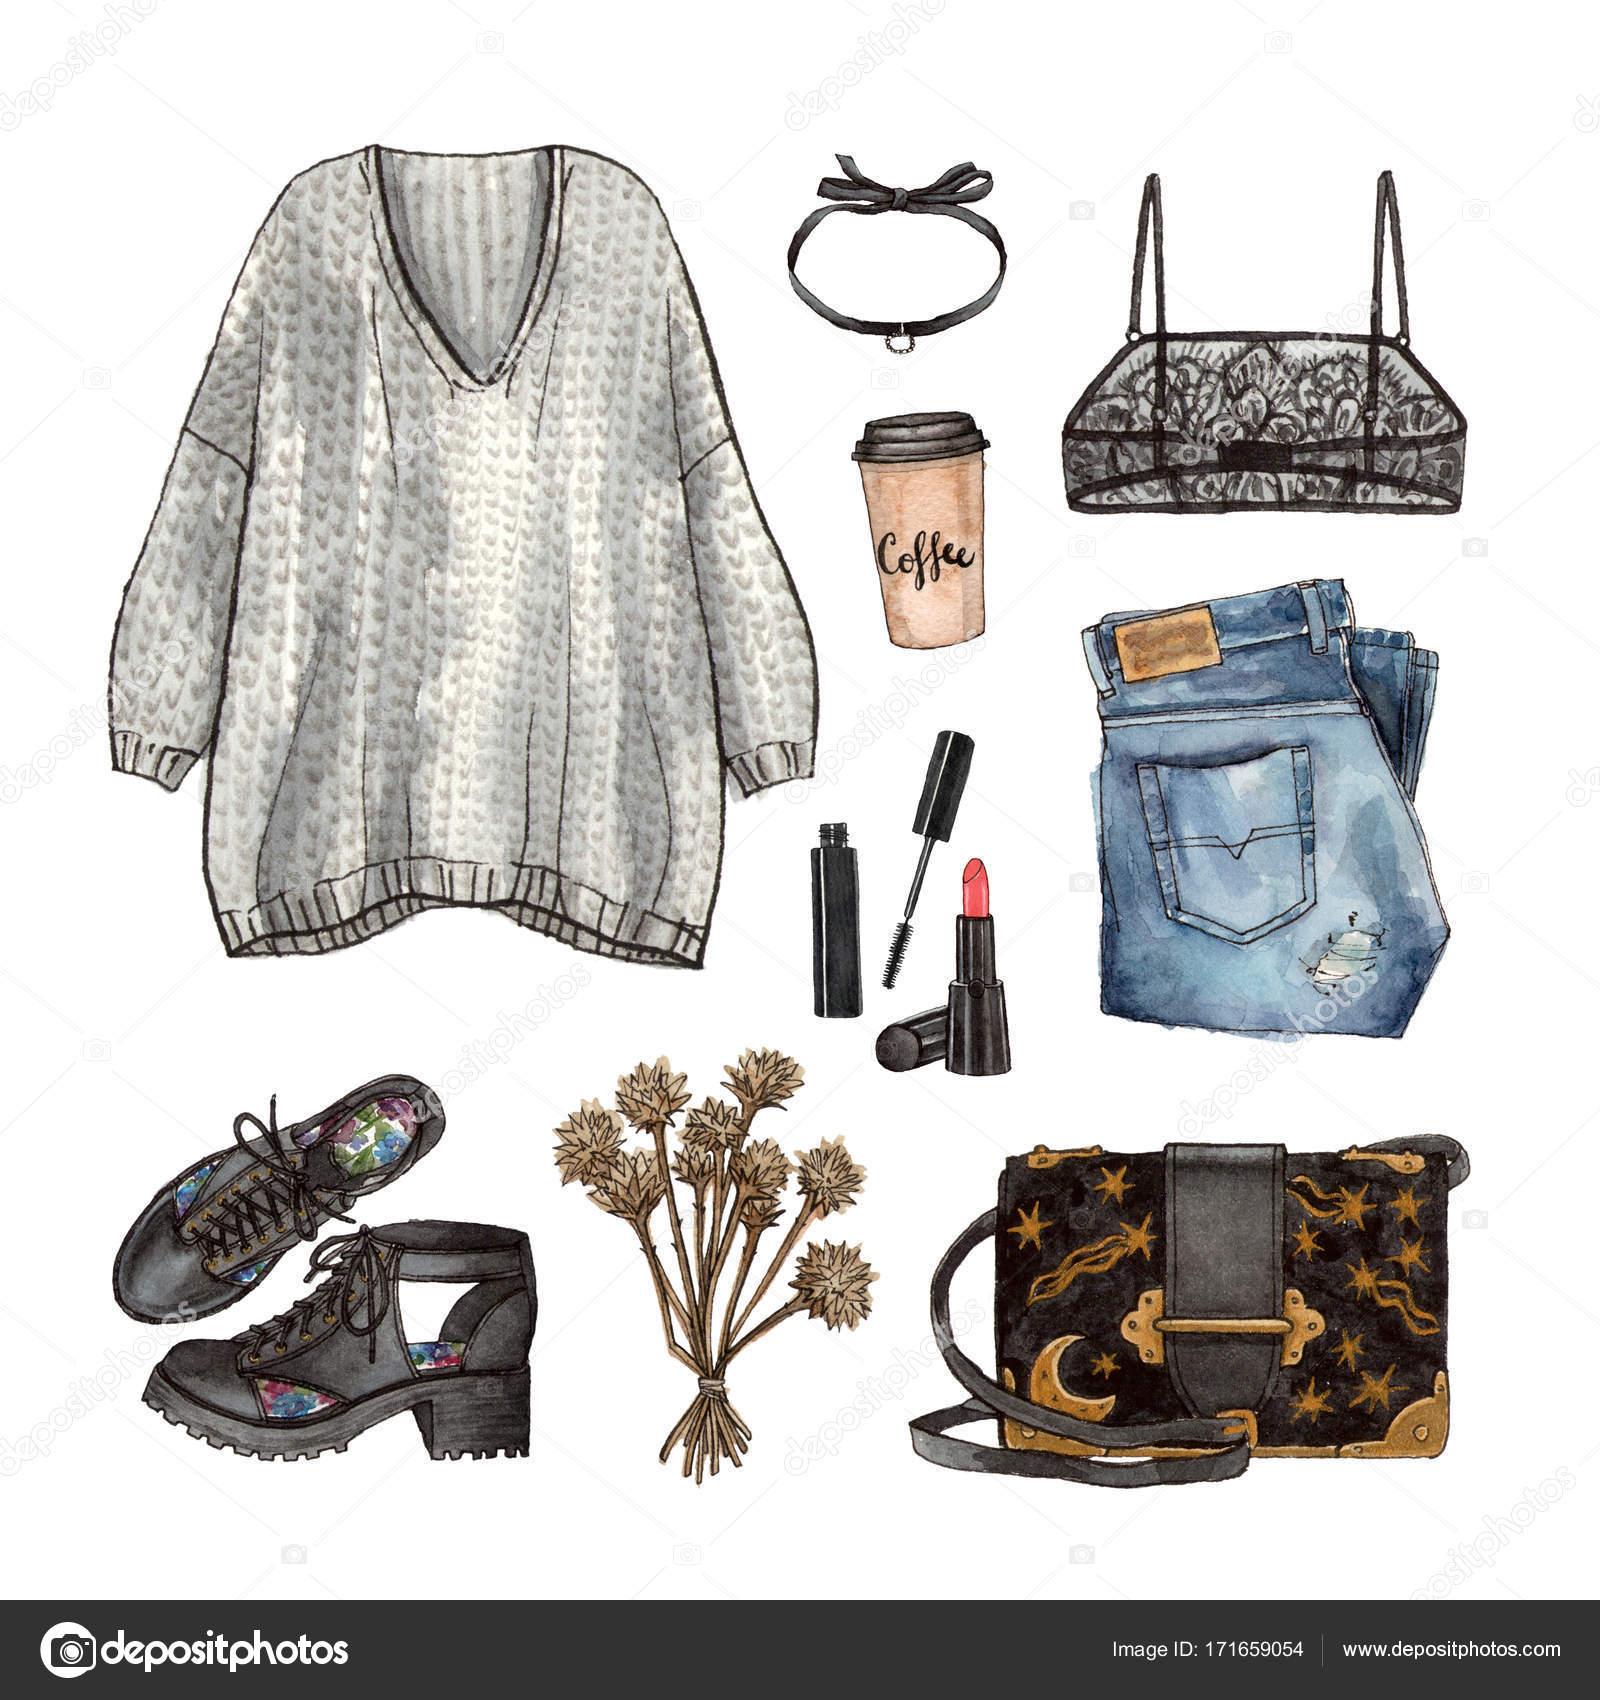 70d34437af5c Ακουαρέλα χέρι Ζωγραφική σκίτσο ντύσιμο μόδα, μια σειρά από ρούχα και  αξεσουάρ. casual στυλ. απομονωμένα στοιχεία — Εικόνα από ...